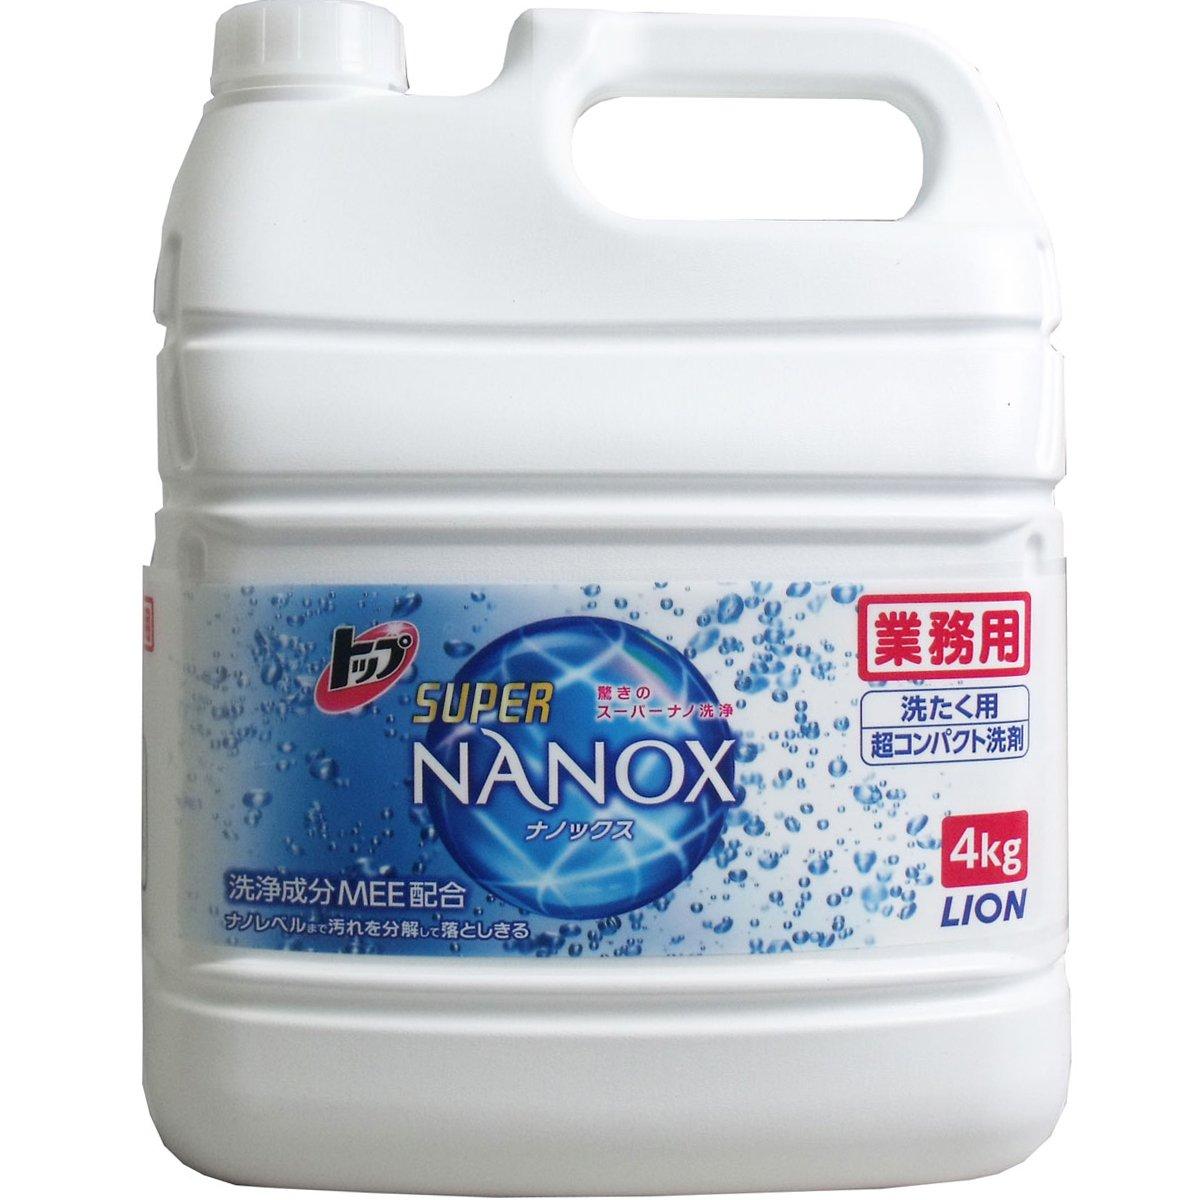 ライオン 業務用洗濯洗剤 トップ スーパーナノックス NANOX 4KgX3本 中性洗剤 B078FPHS4T